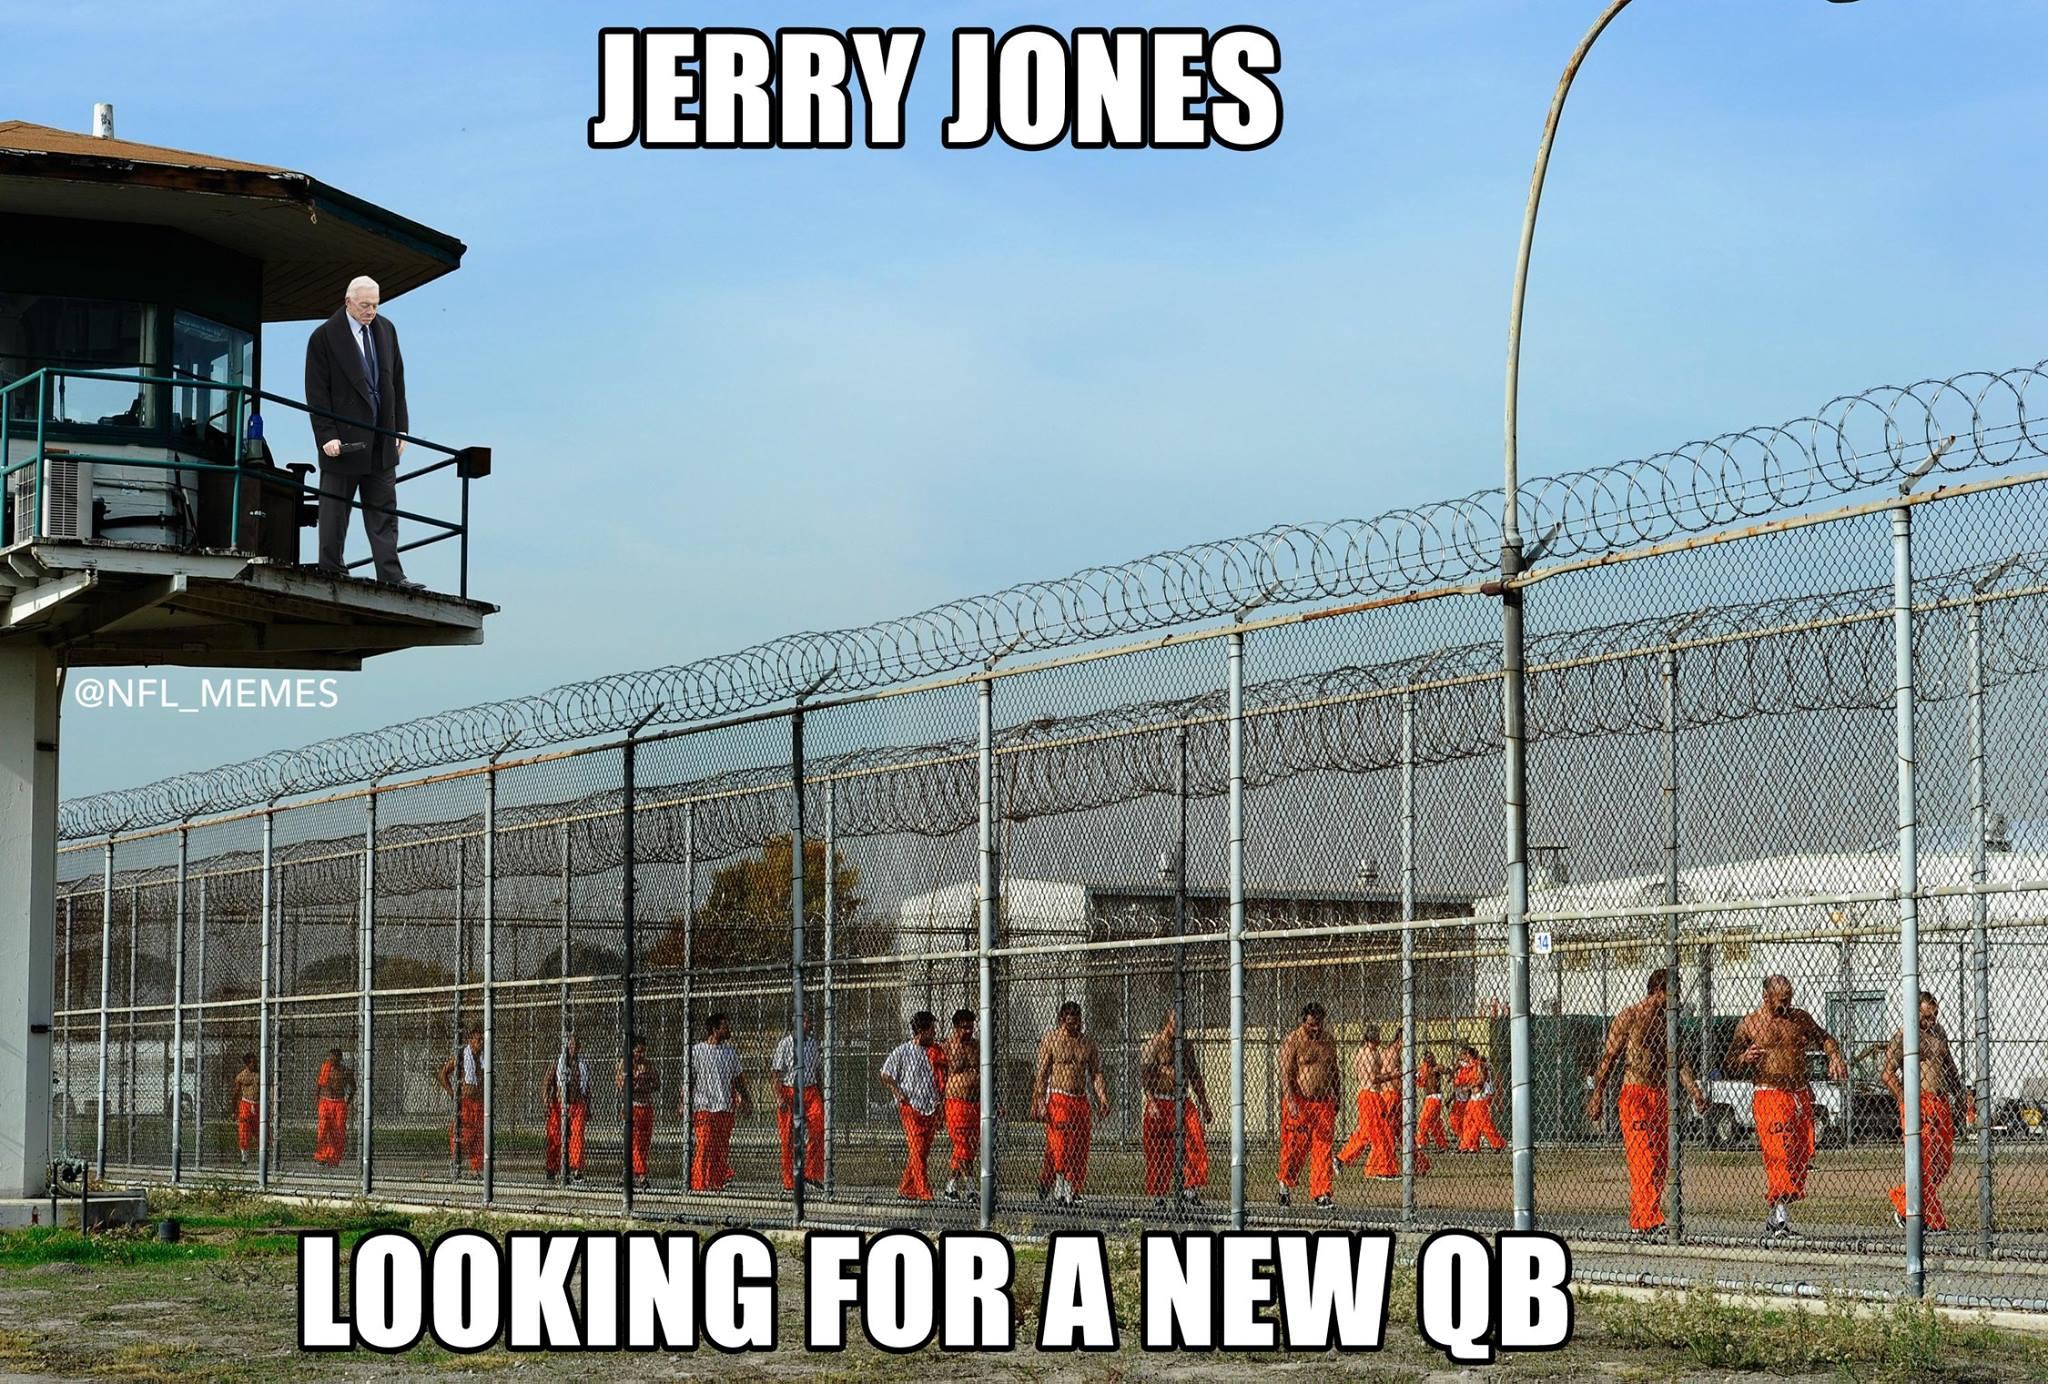 Jerry_jones_cowboys_meme